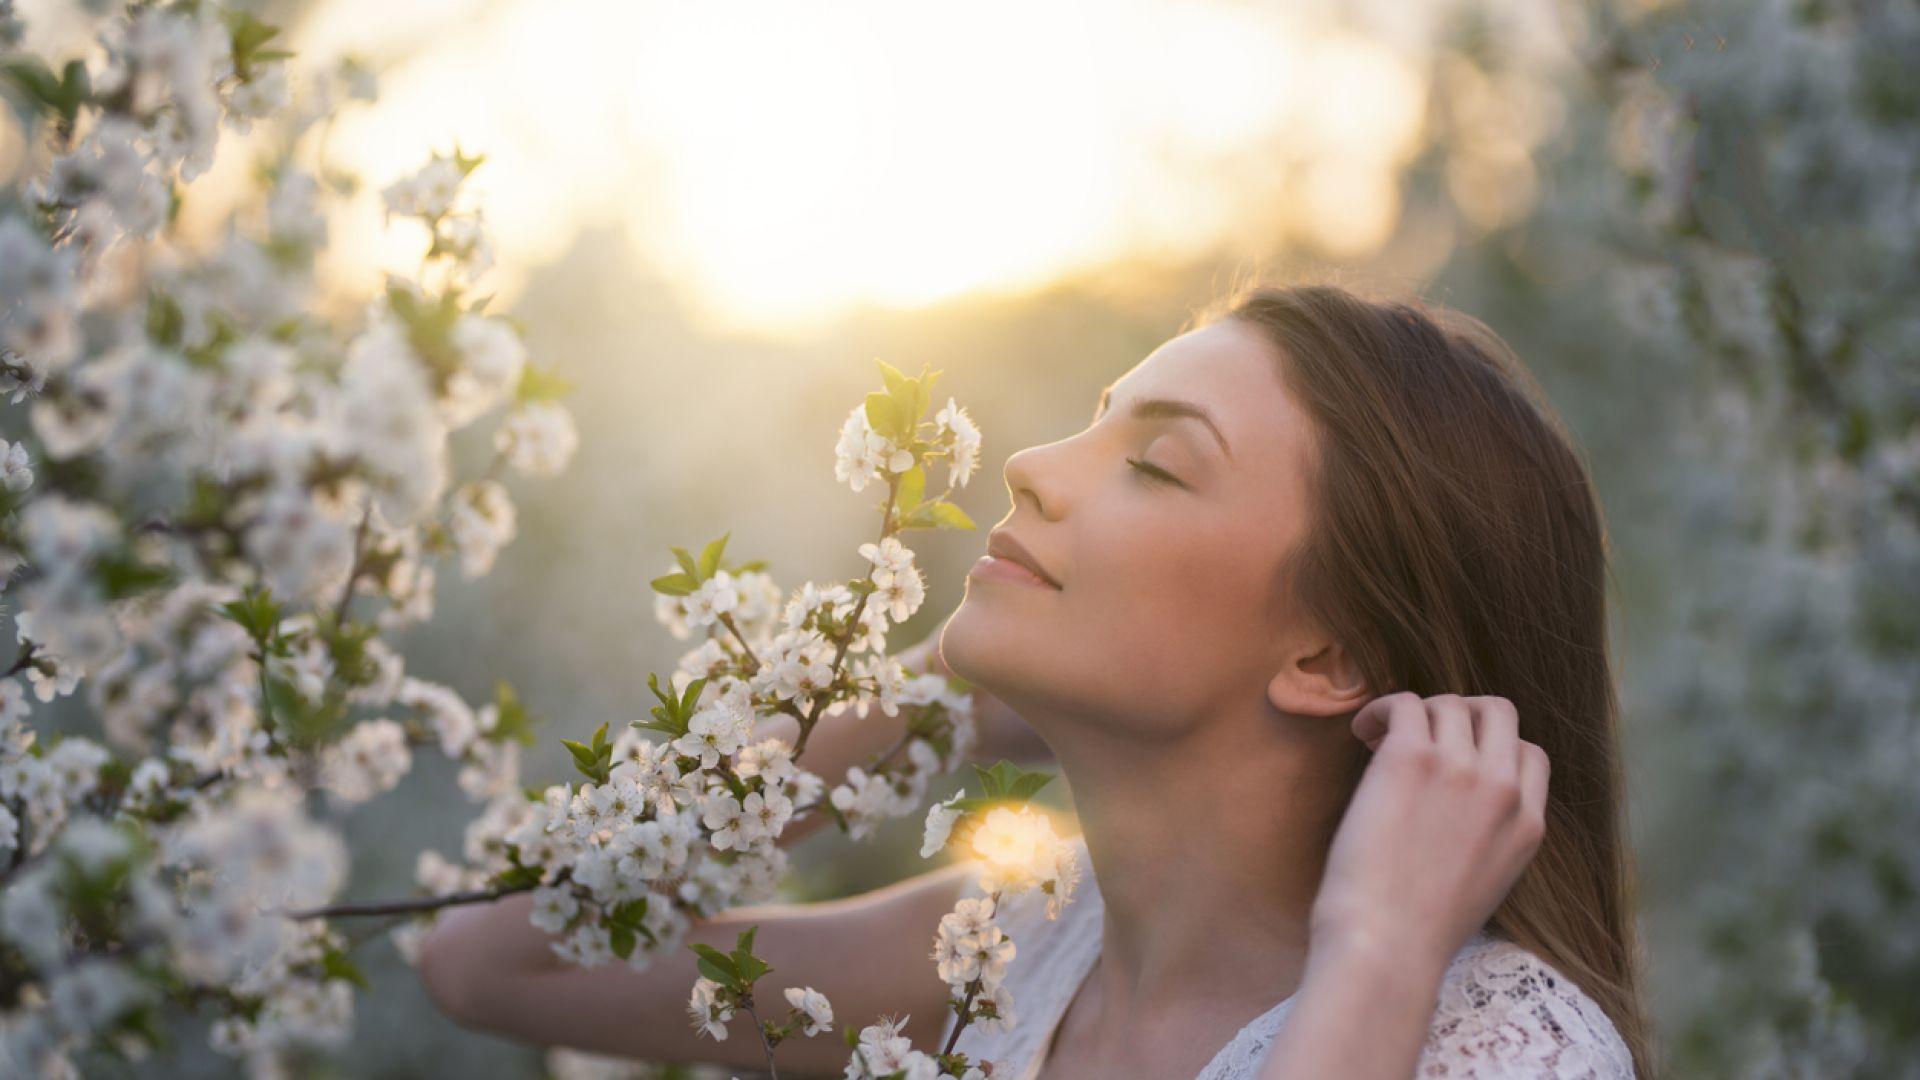 За кого се сещаш, когато помиришеш книга: 7 начина, по които ароматите въздействат на съзнанието